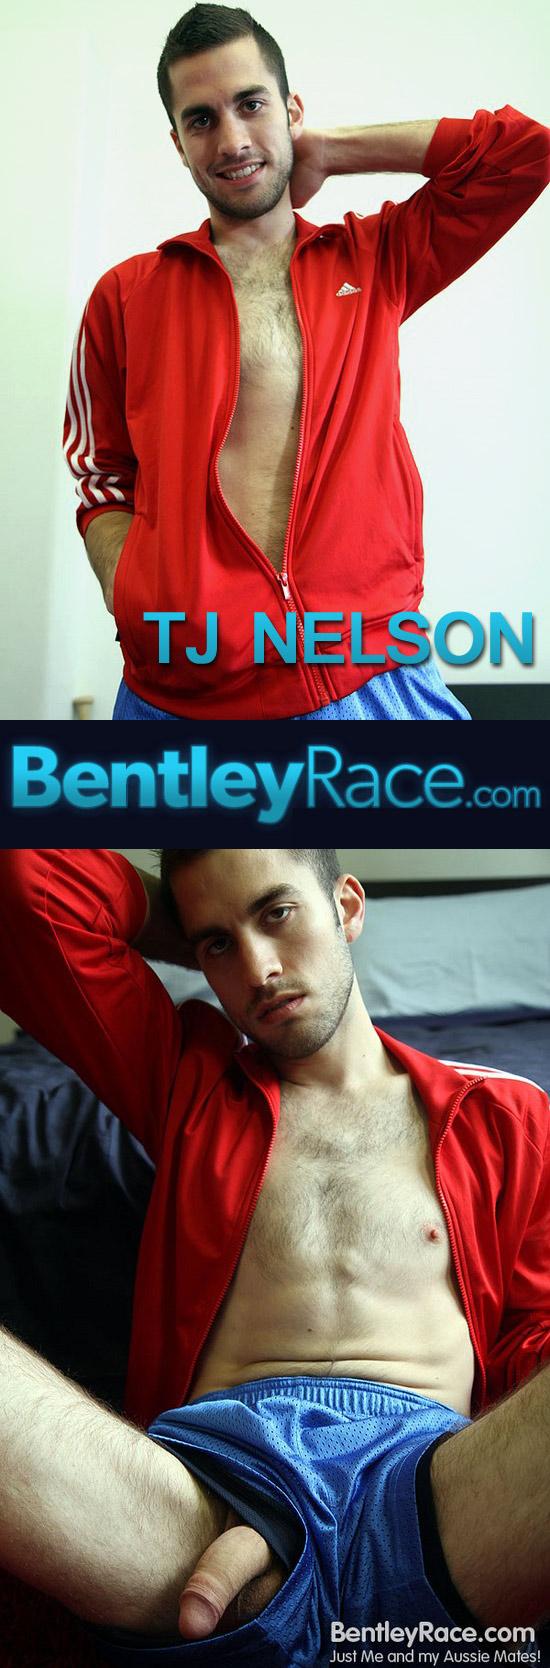 TJ Nelson jerks his uncut cock